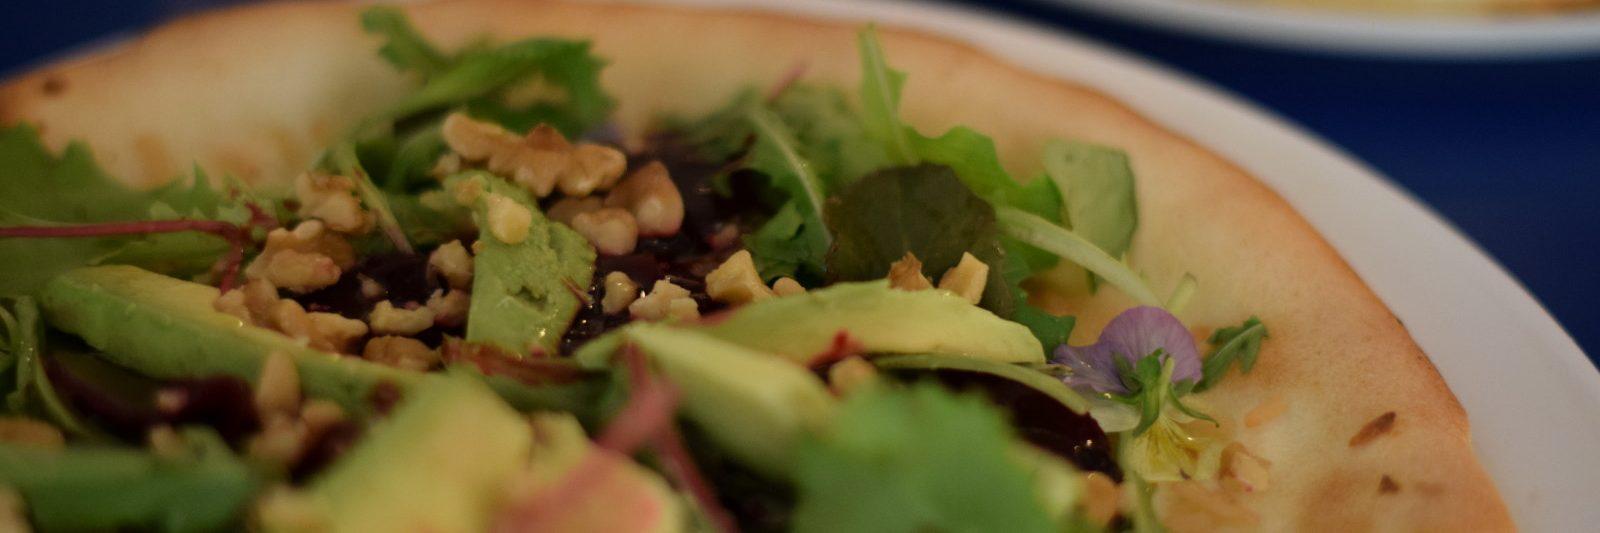 Vegan pizza van Mastino-V in Amsterdam Met avocado, rucola, bietjes en walnoot